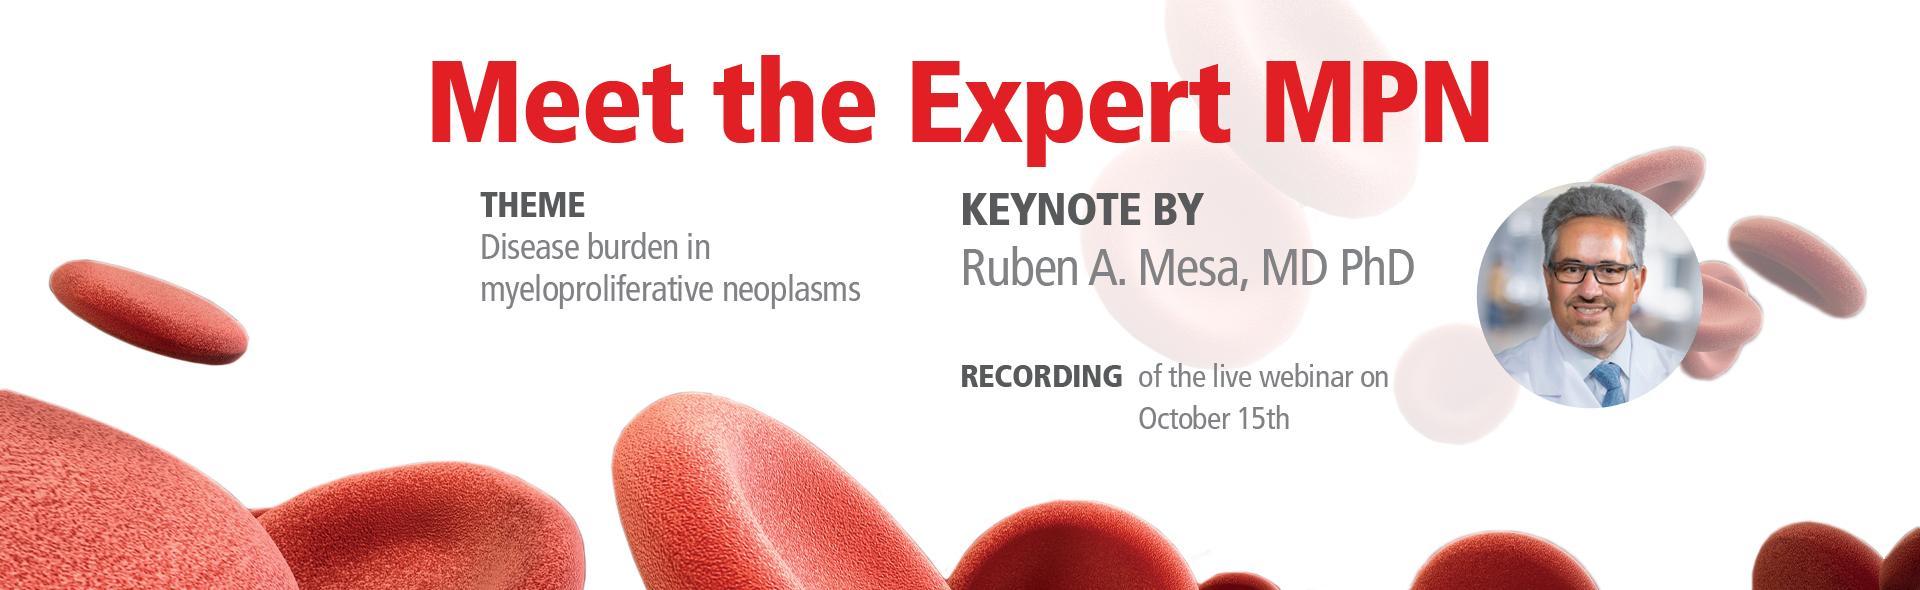 meet_the_expert